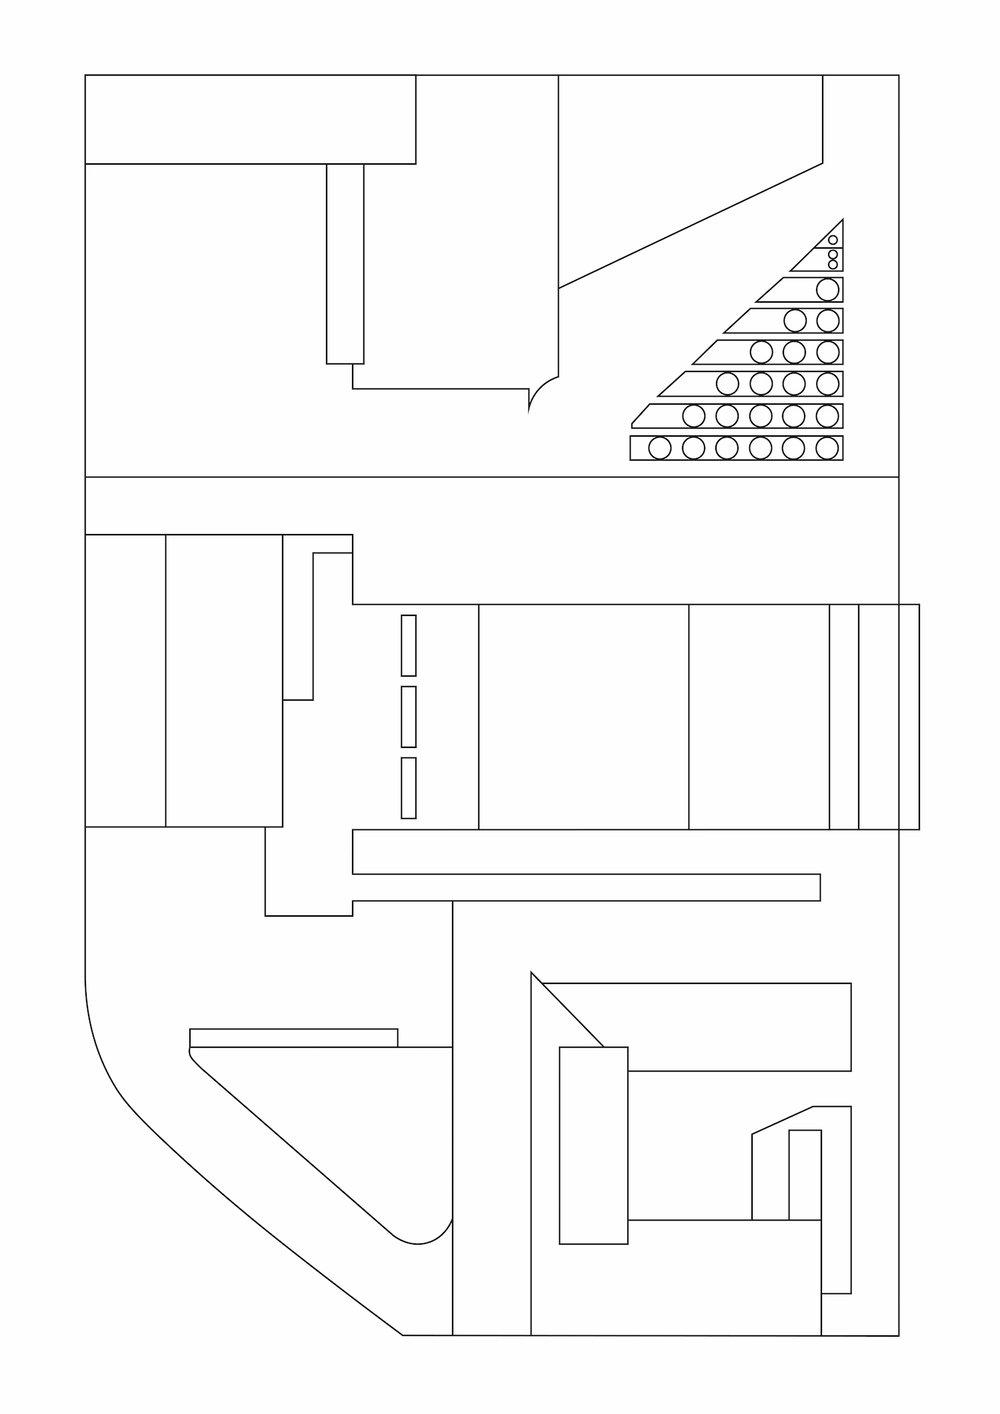 30_Zeichenfläche 1.jpg